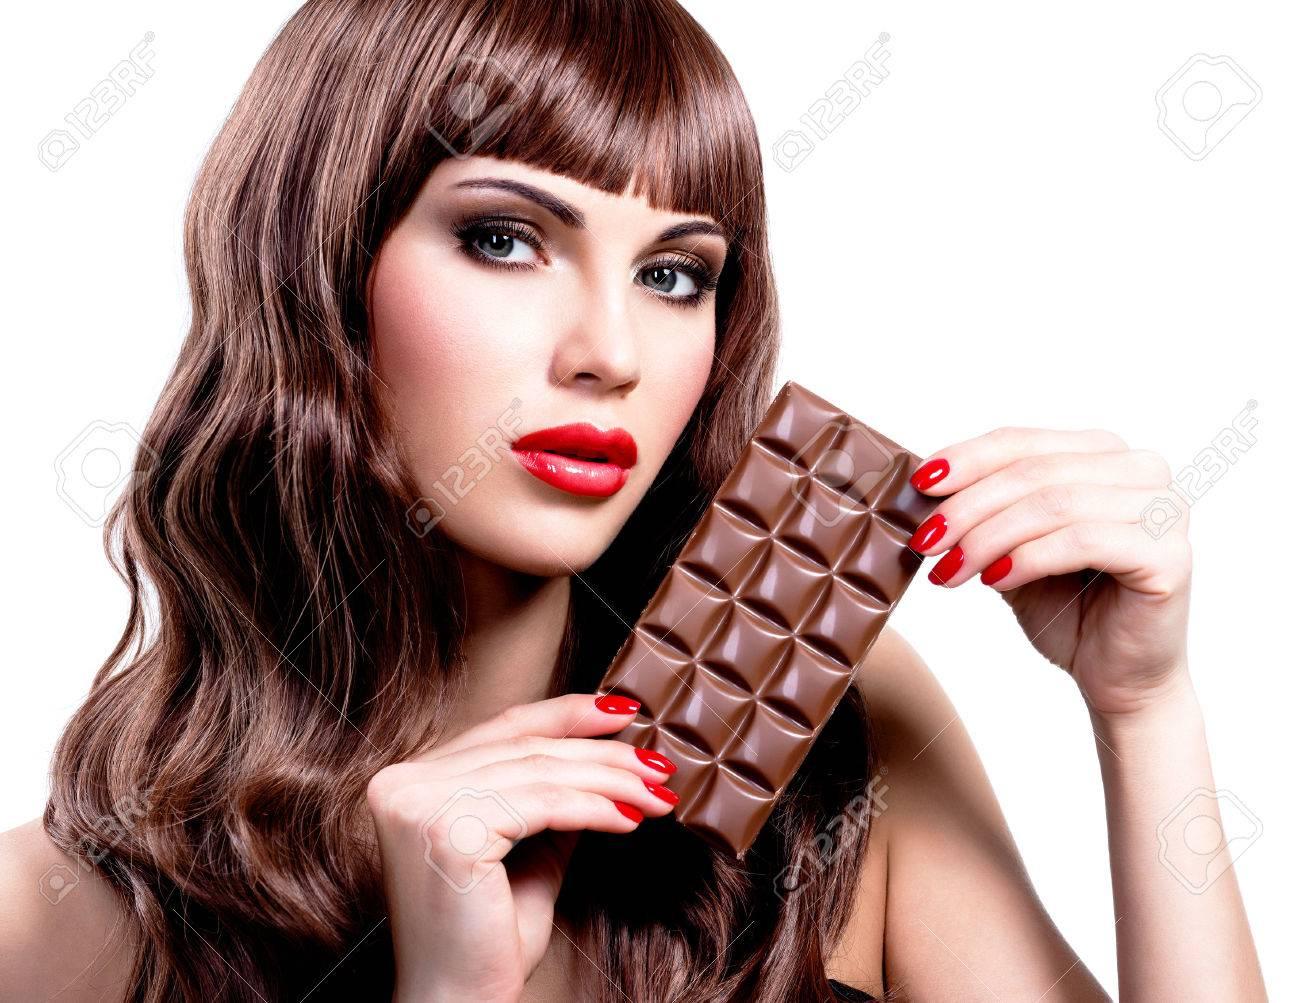 Make Up Tafel : Portrait der schönen sexy frau mit tafel schokolade nahaufnahme